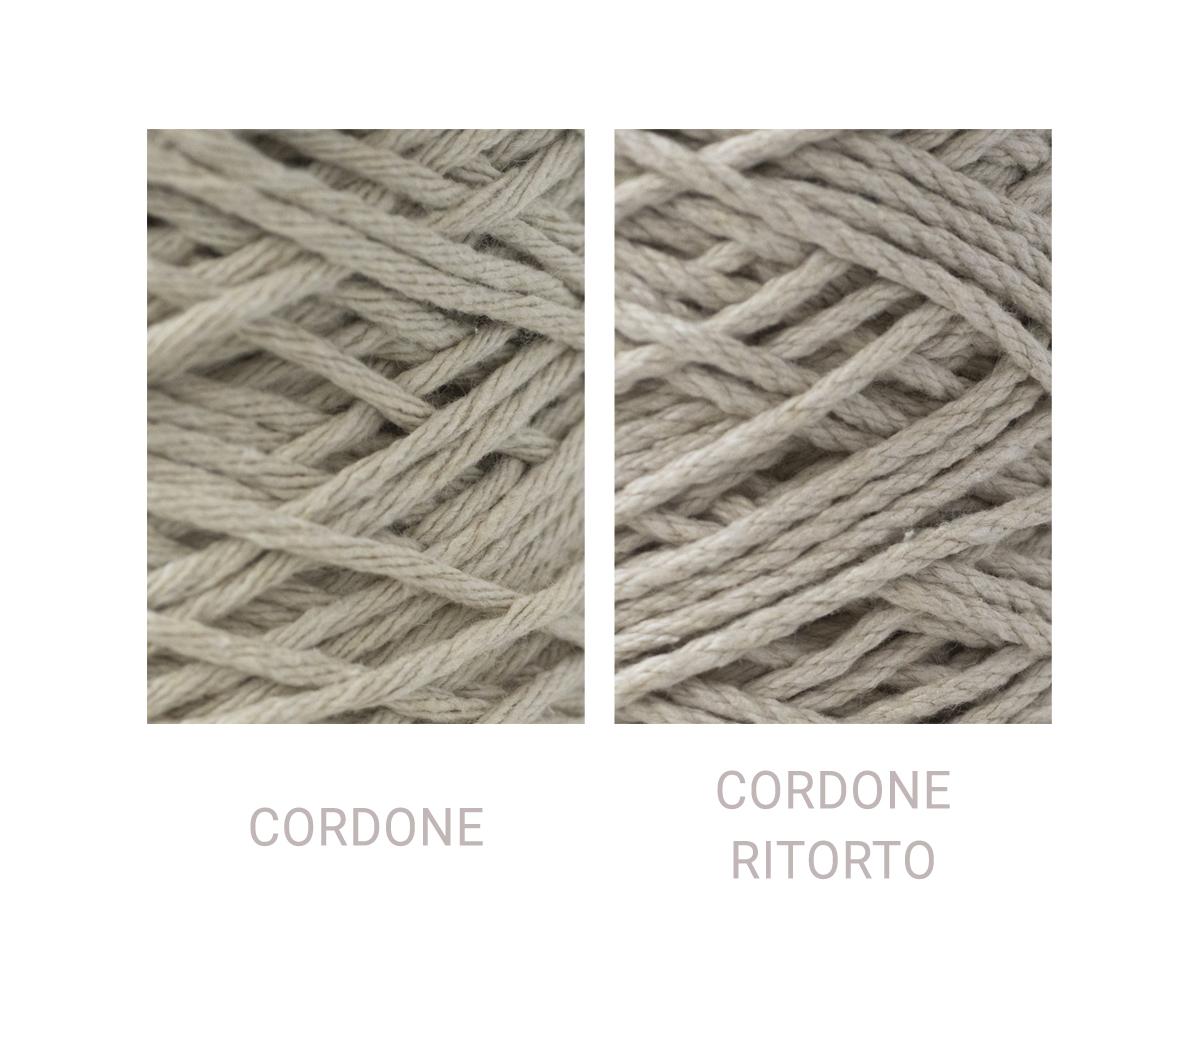 CORDONE - CORDONE RITORTO